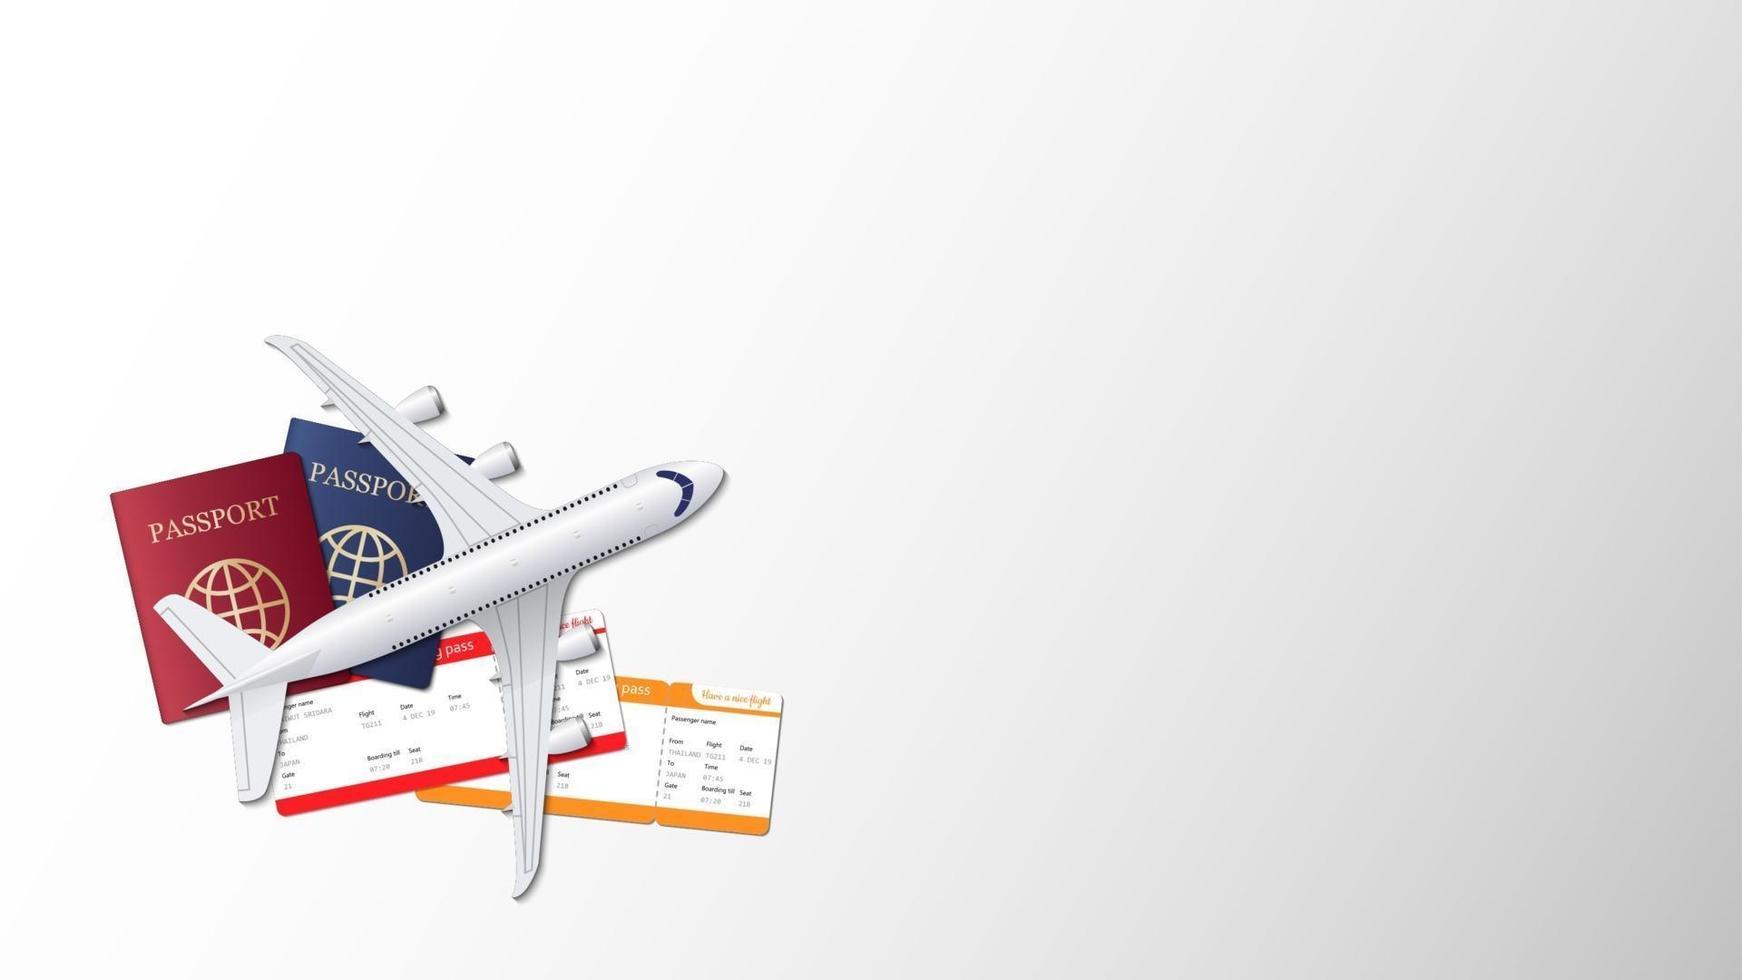 Flugzeug, Pass und Bordkarte auf leerem Hintergrund mit Kopienraum für Text, Reisehintergrund, Vektorillustration vektor